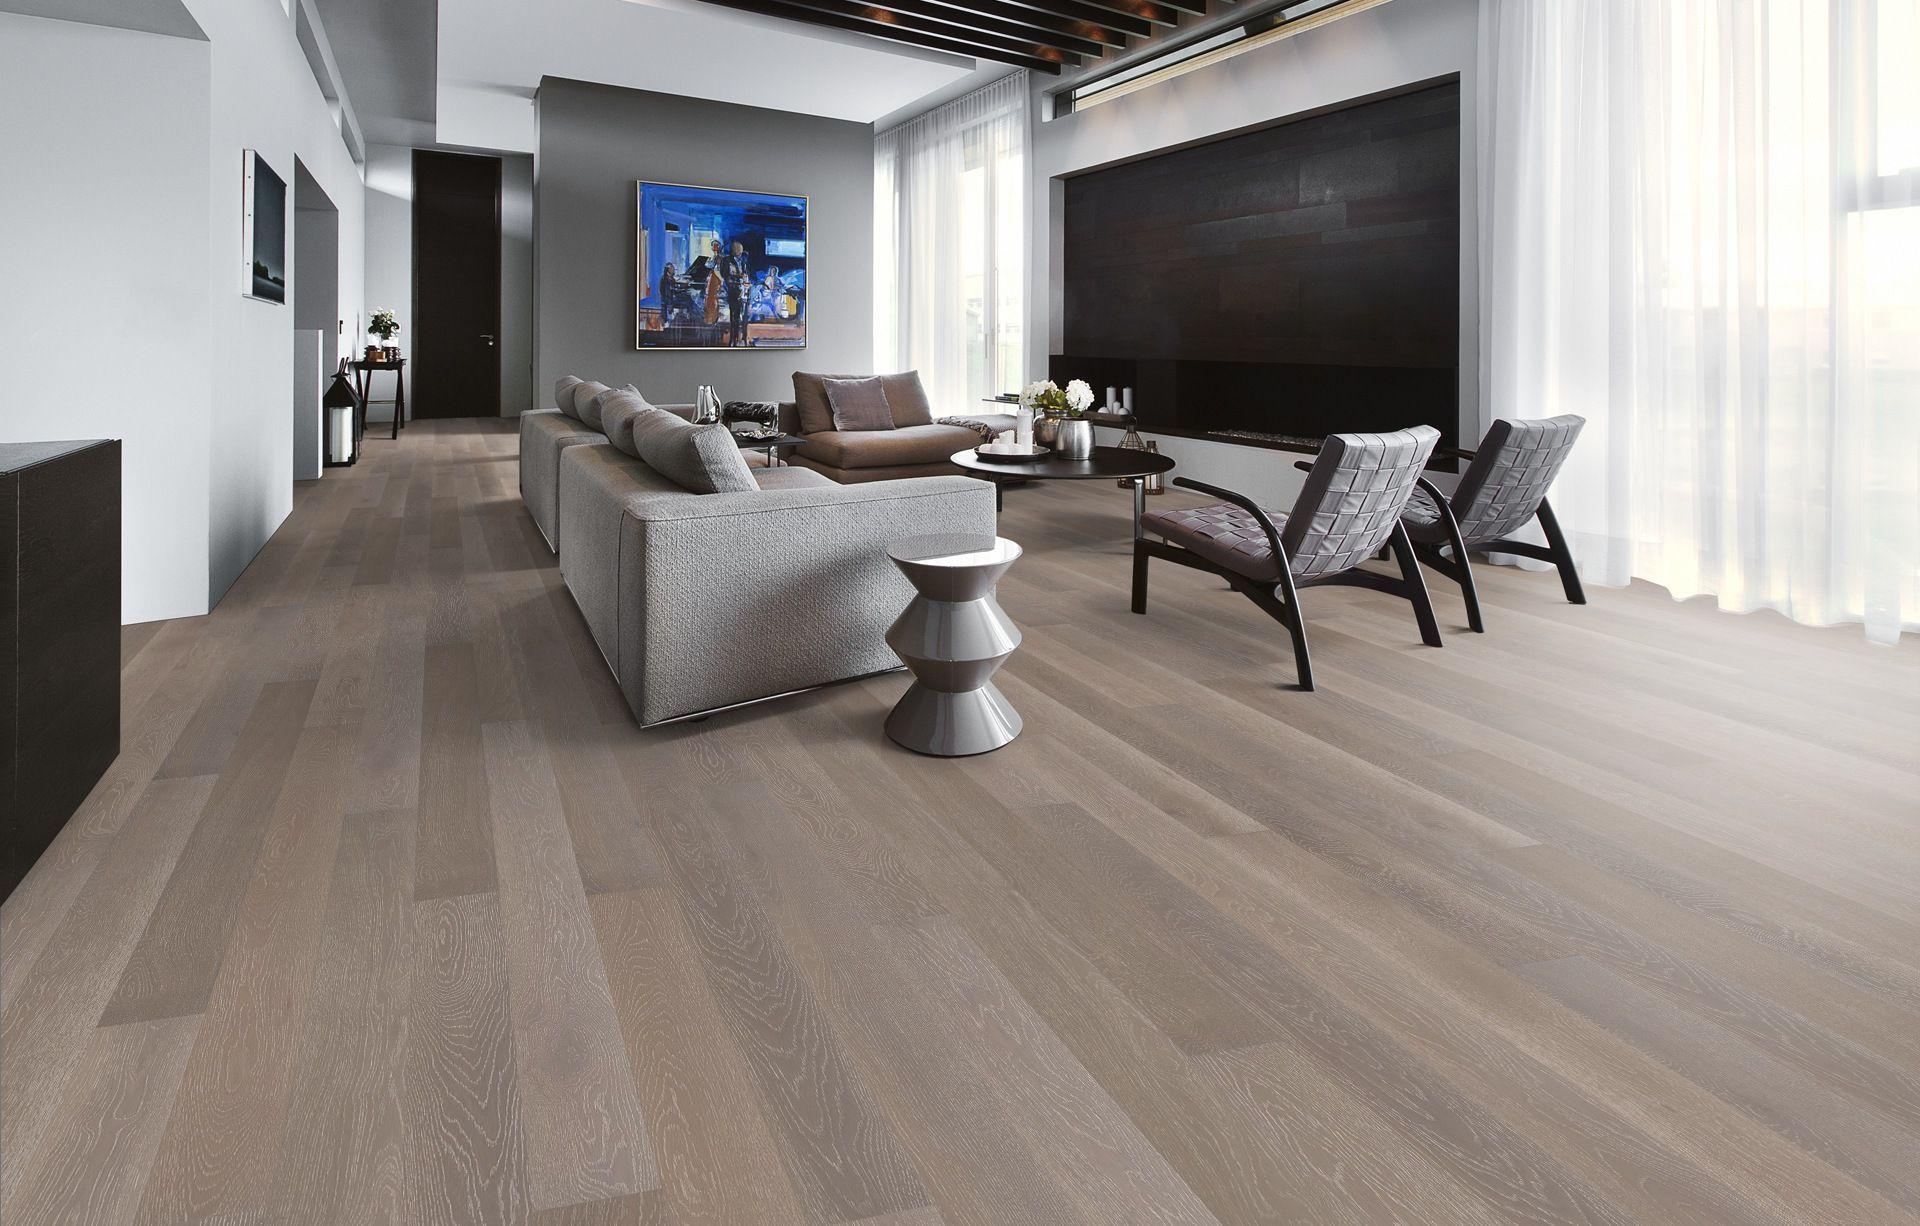 kahrs canvas collection oak shade - Kahrs Flooring